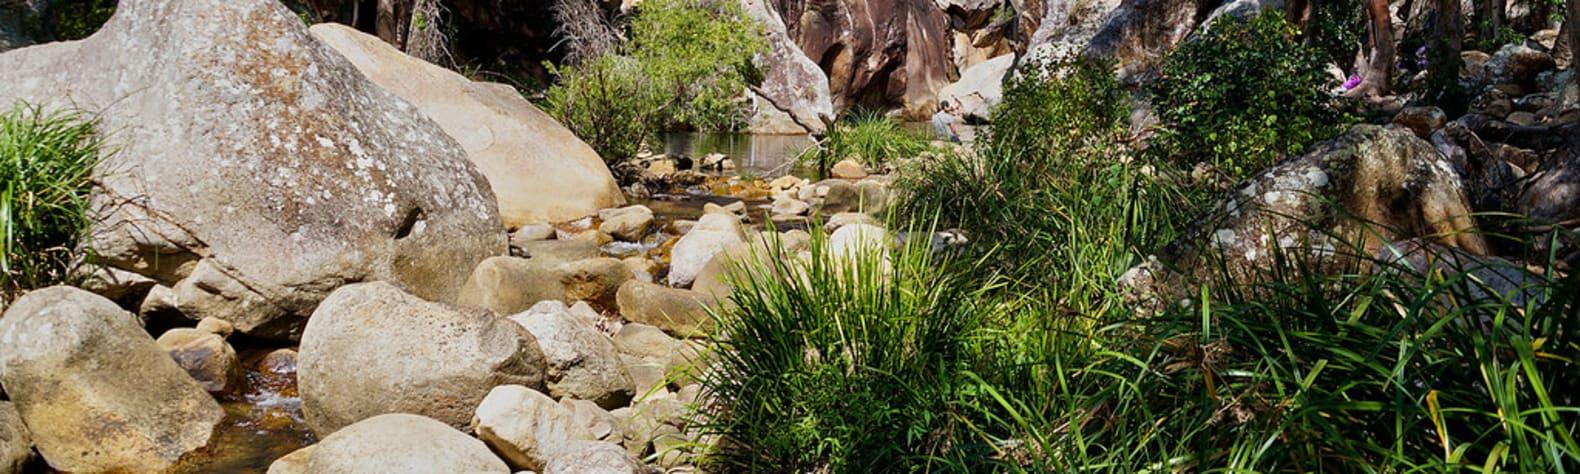 Mount Barney National Park